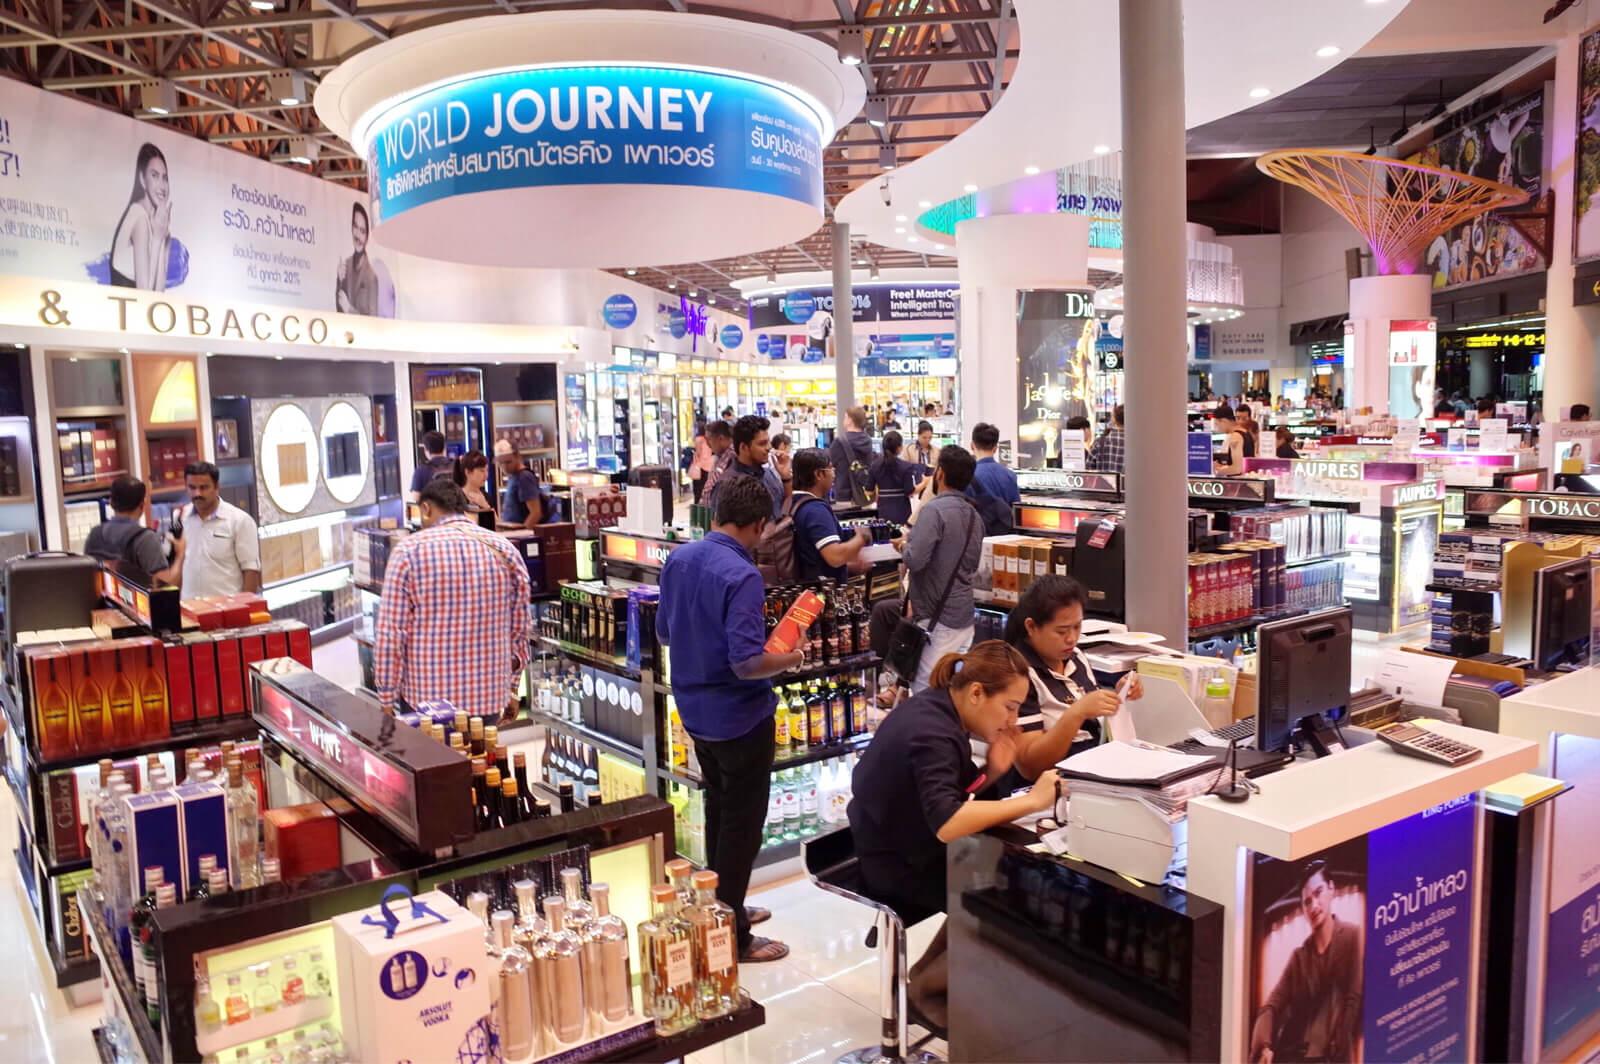 ドンムアン空港 バンコク | お土産は空港で買おう!お菓子もブランド品もなんでもあるよ!